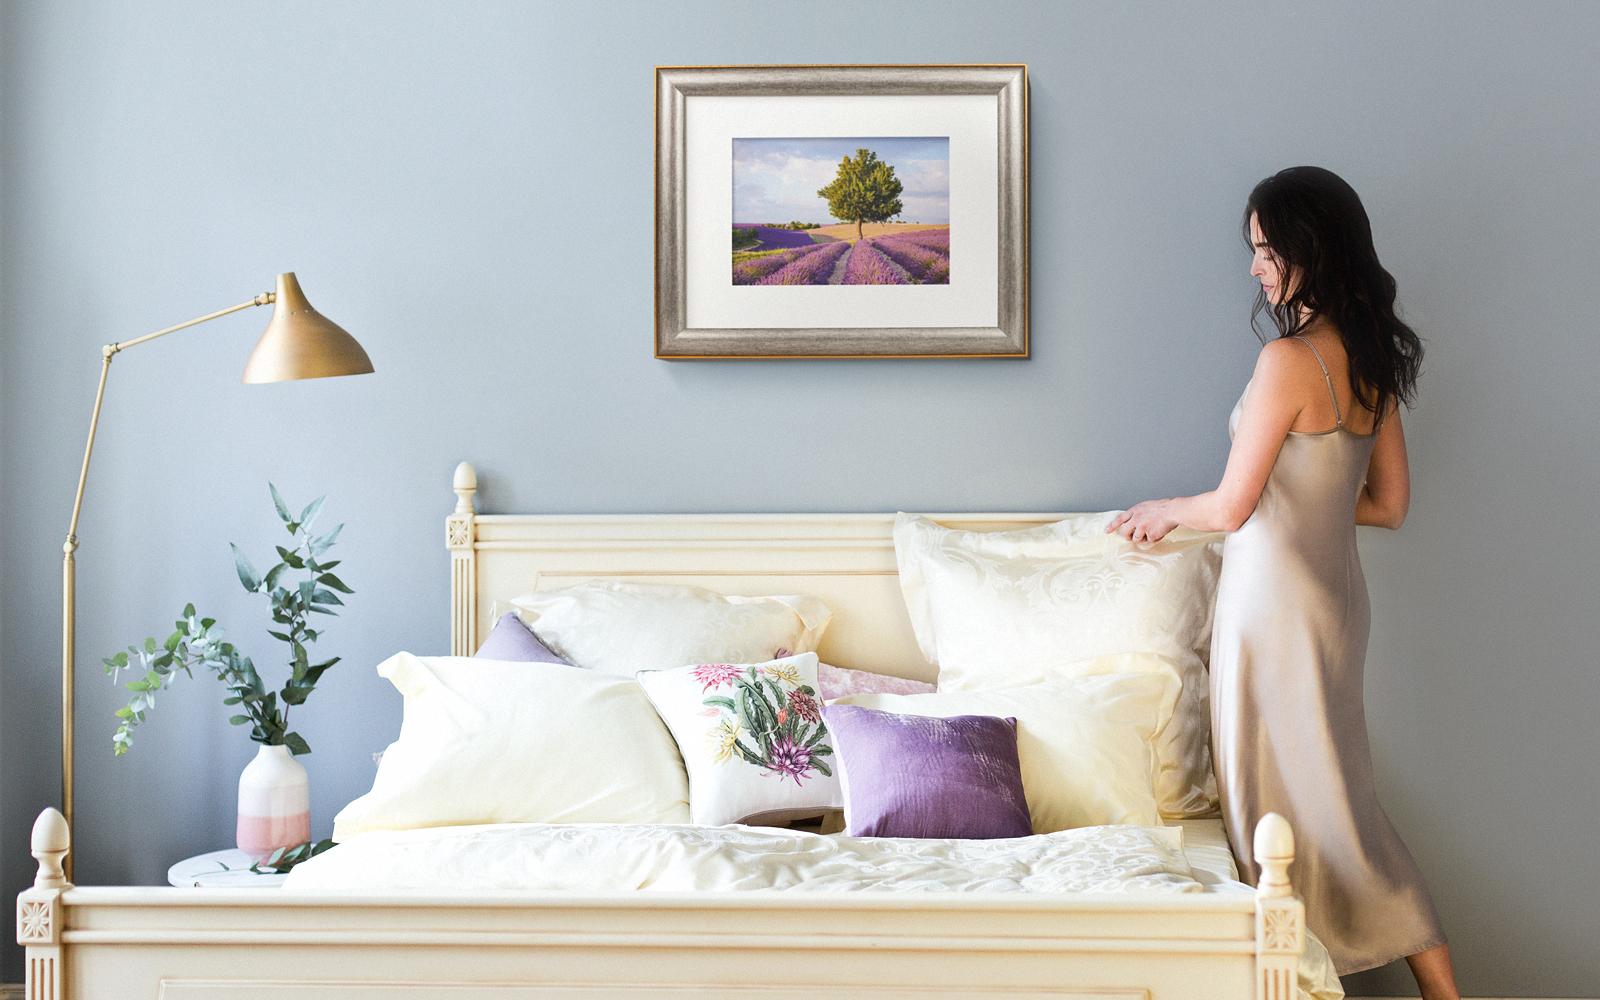 Одной из главных составляющих фирменного стиля Ecotex является фотостиль и подача постельного белья в интерьерах